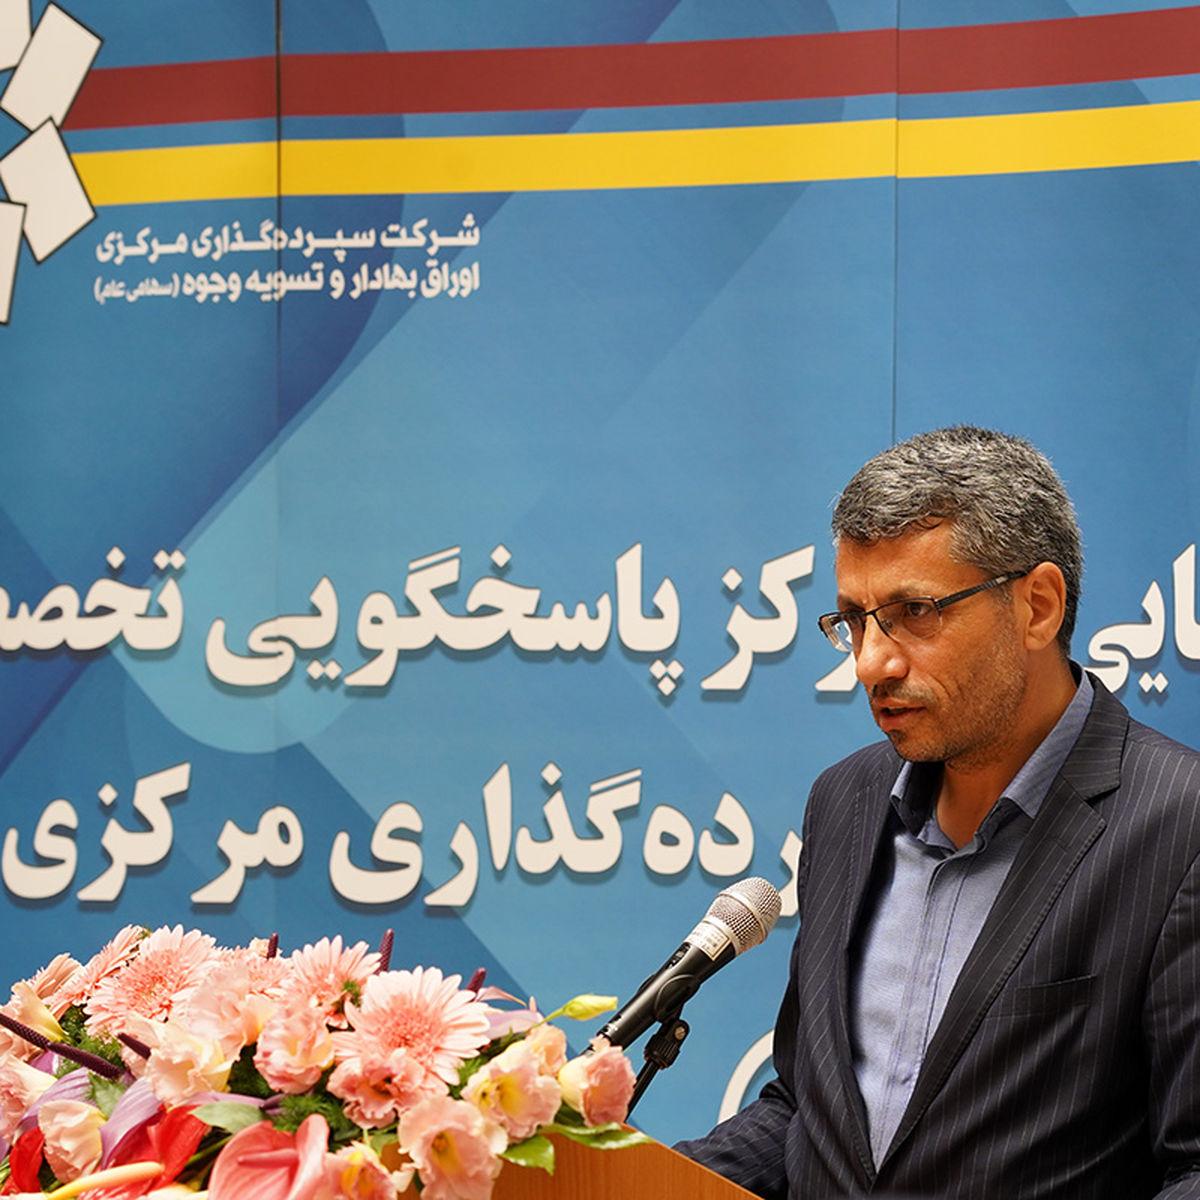 مرکز پاسخگویی تخصصی سمات راه اندازی شد